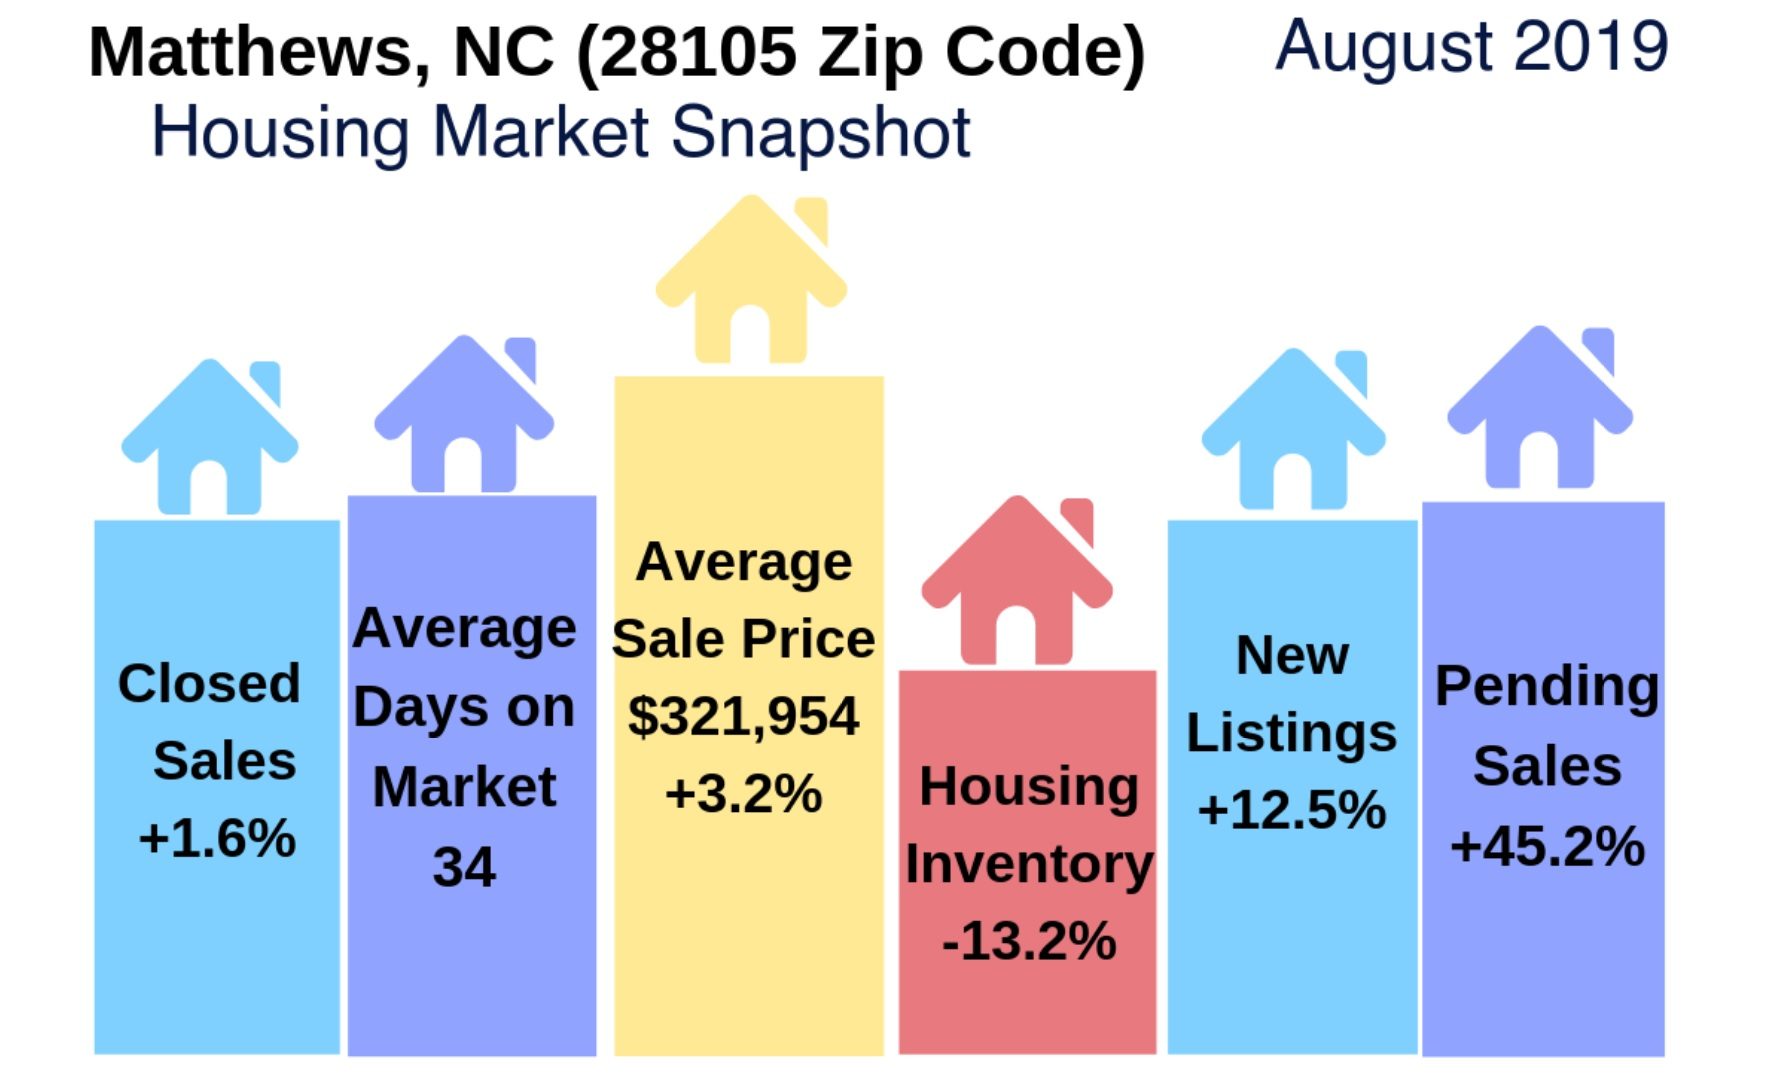 Matthews, NC (28105 Zip Code) Real Estate Report: August 2019